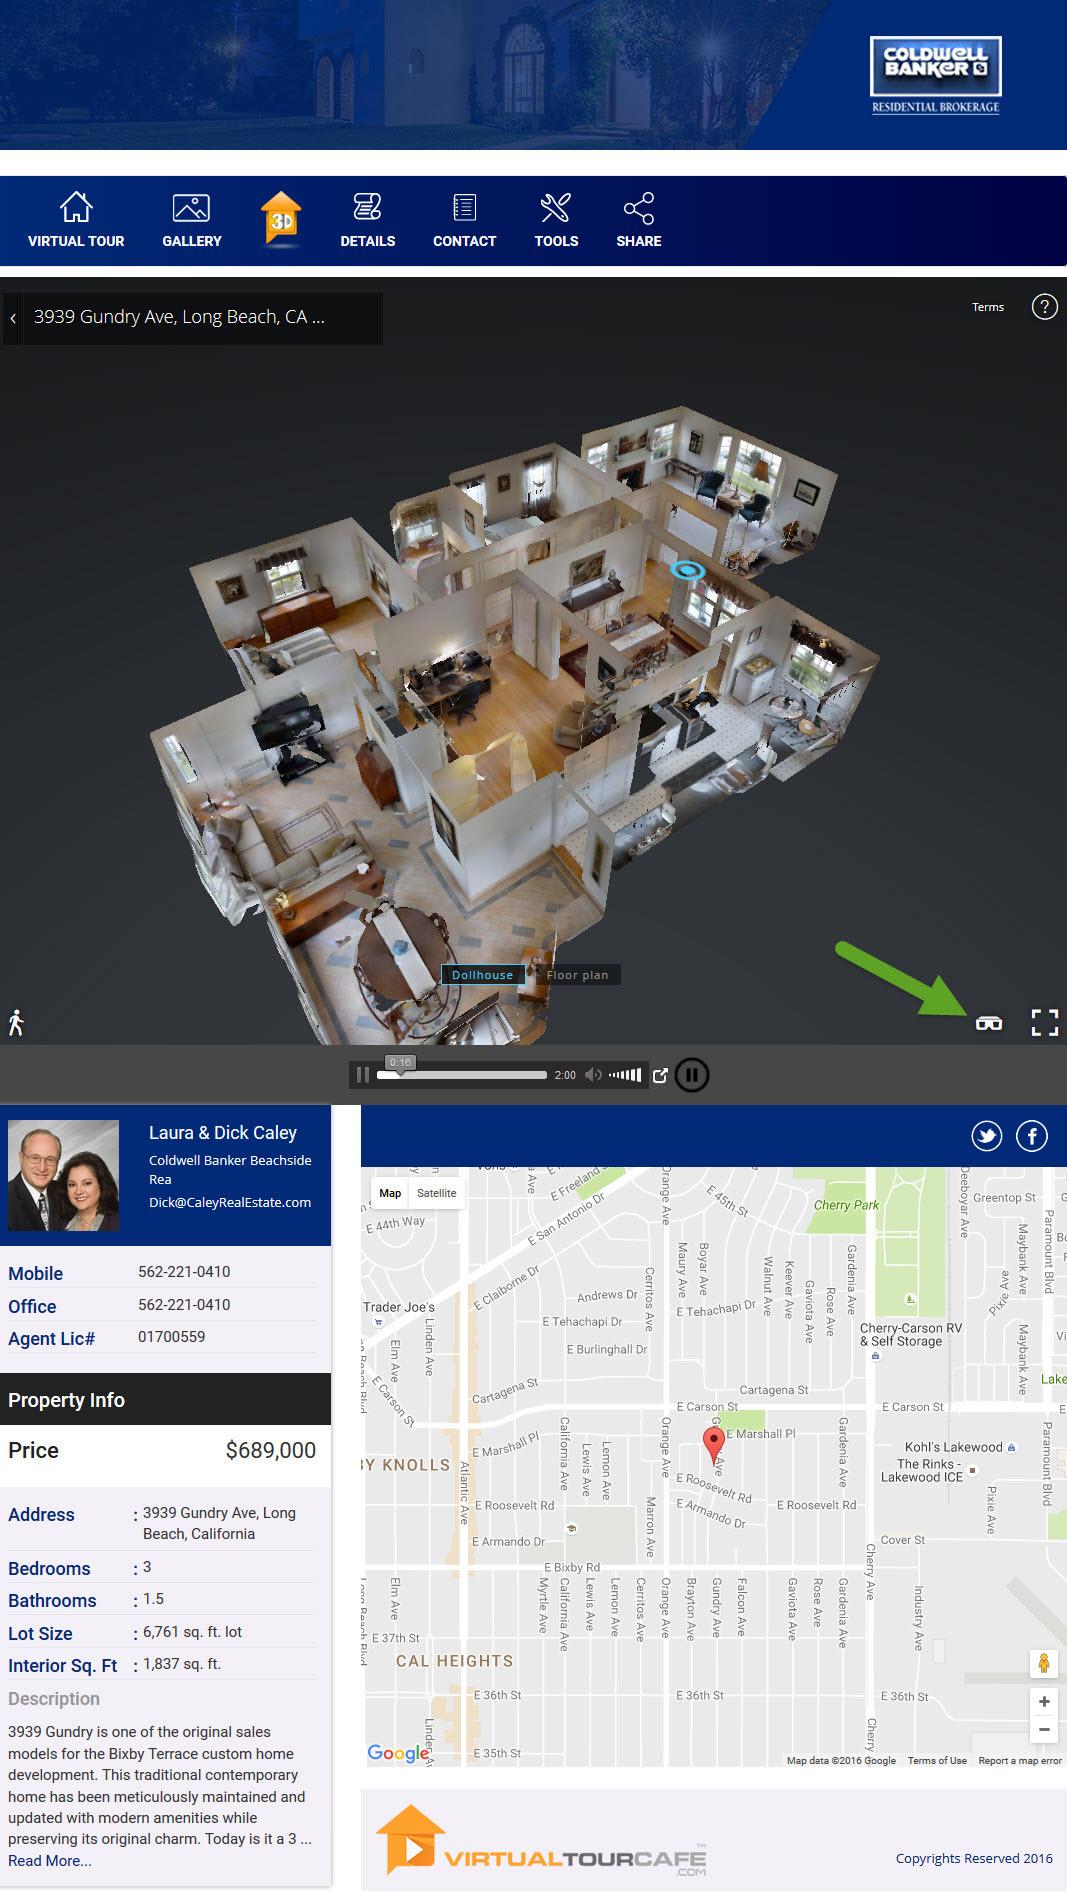 Virtualtourcafe expands 3d walkthrough home tours to lo for Virtual house walkthrough